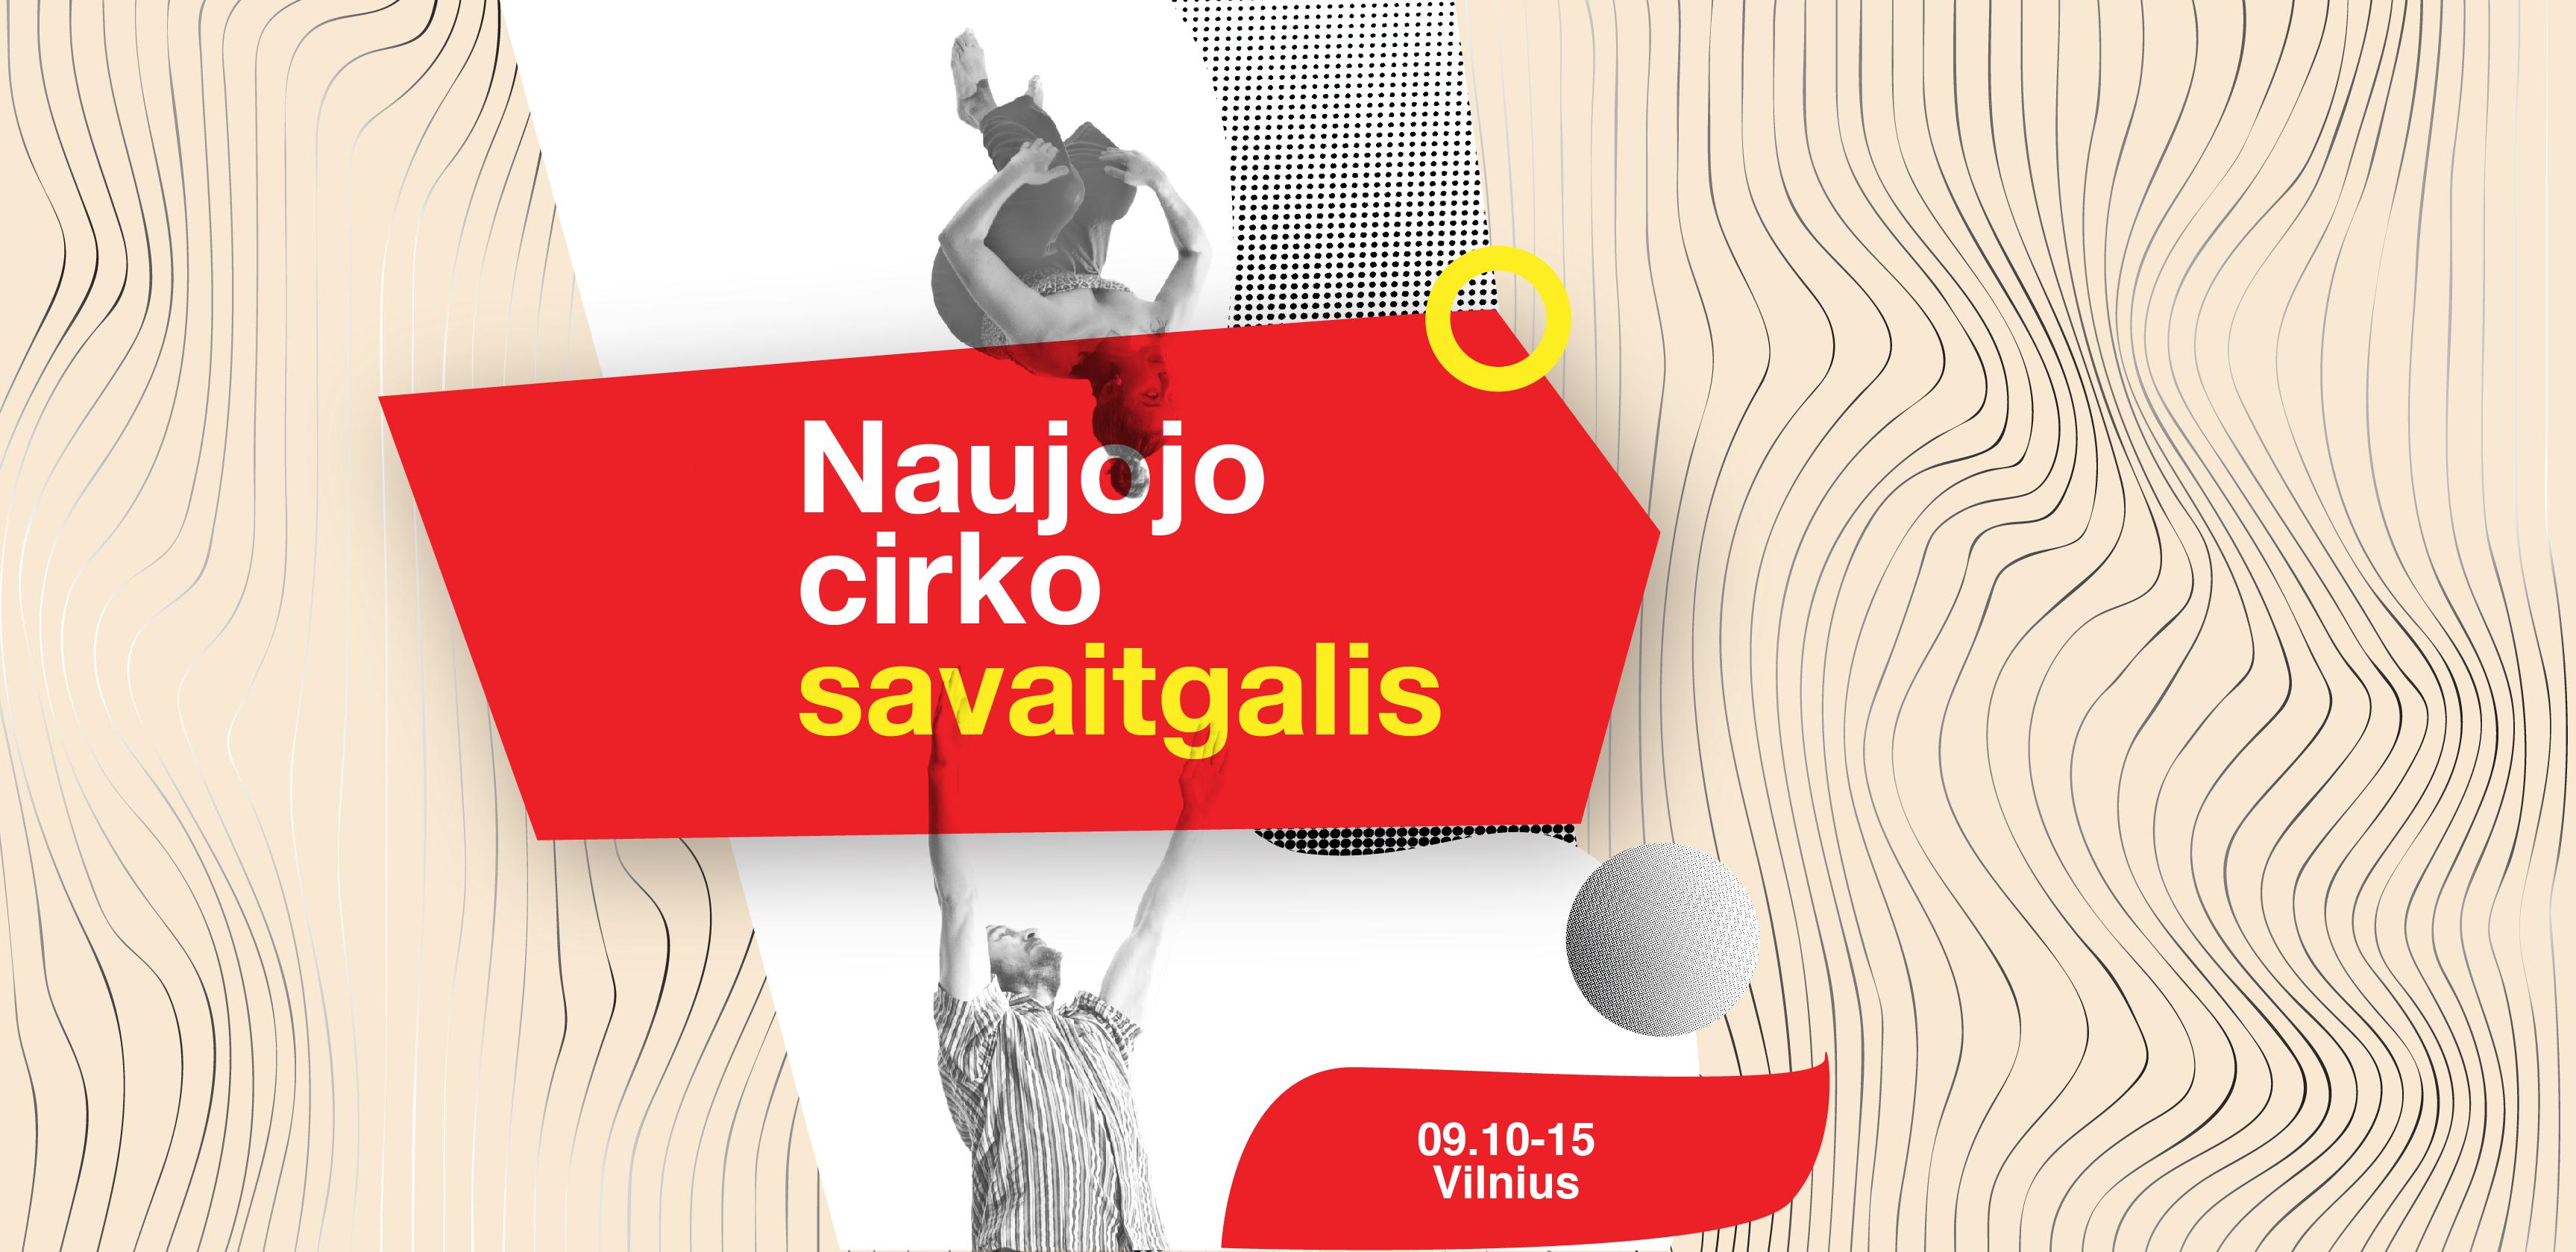 Scallywag Festival 2020.New Circus Weekend 19 En Tiketa